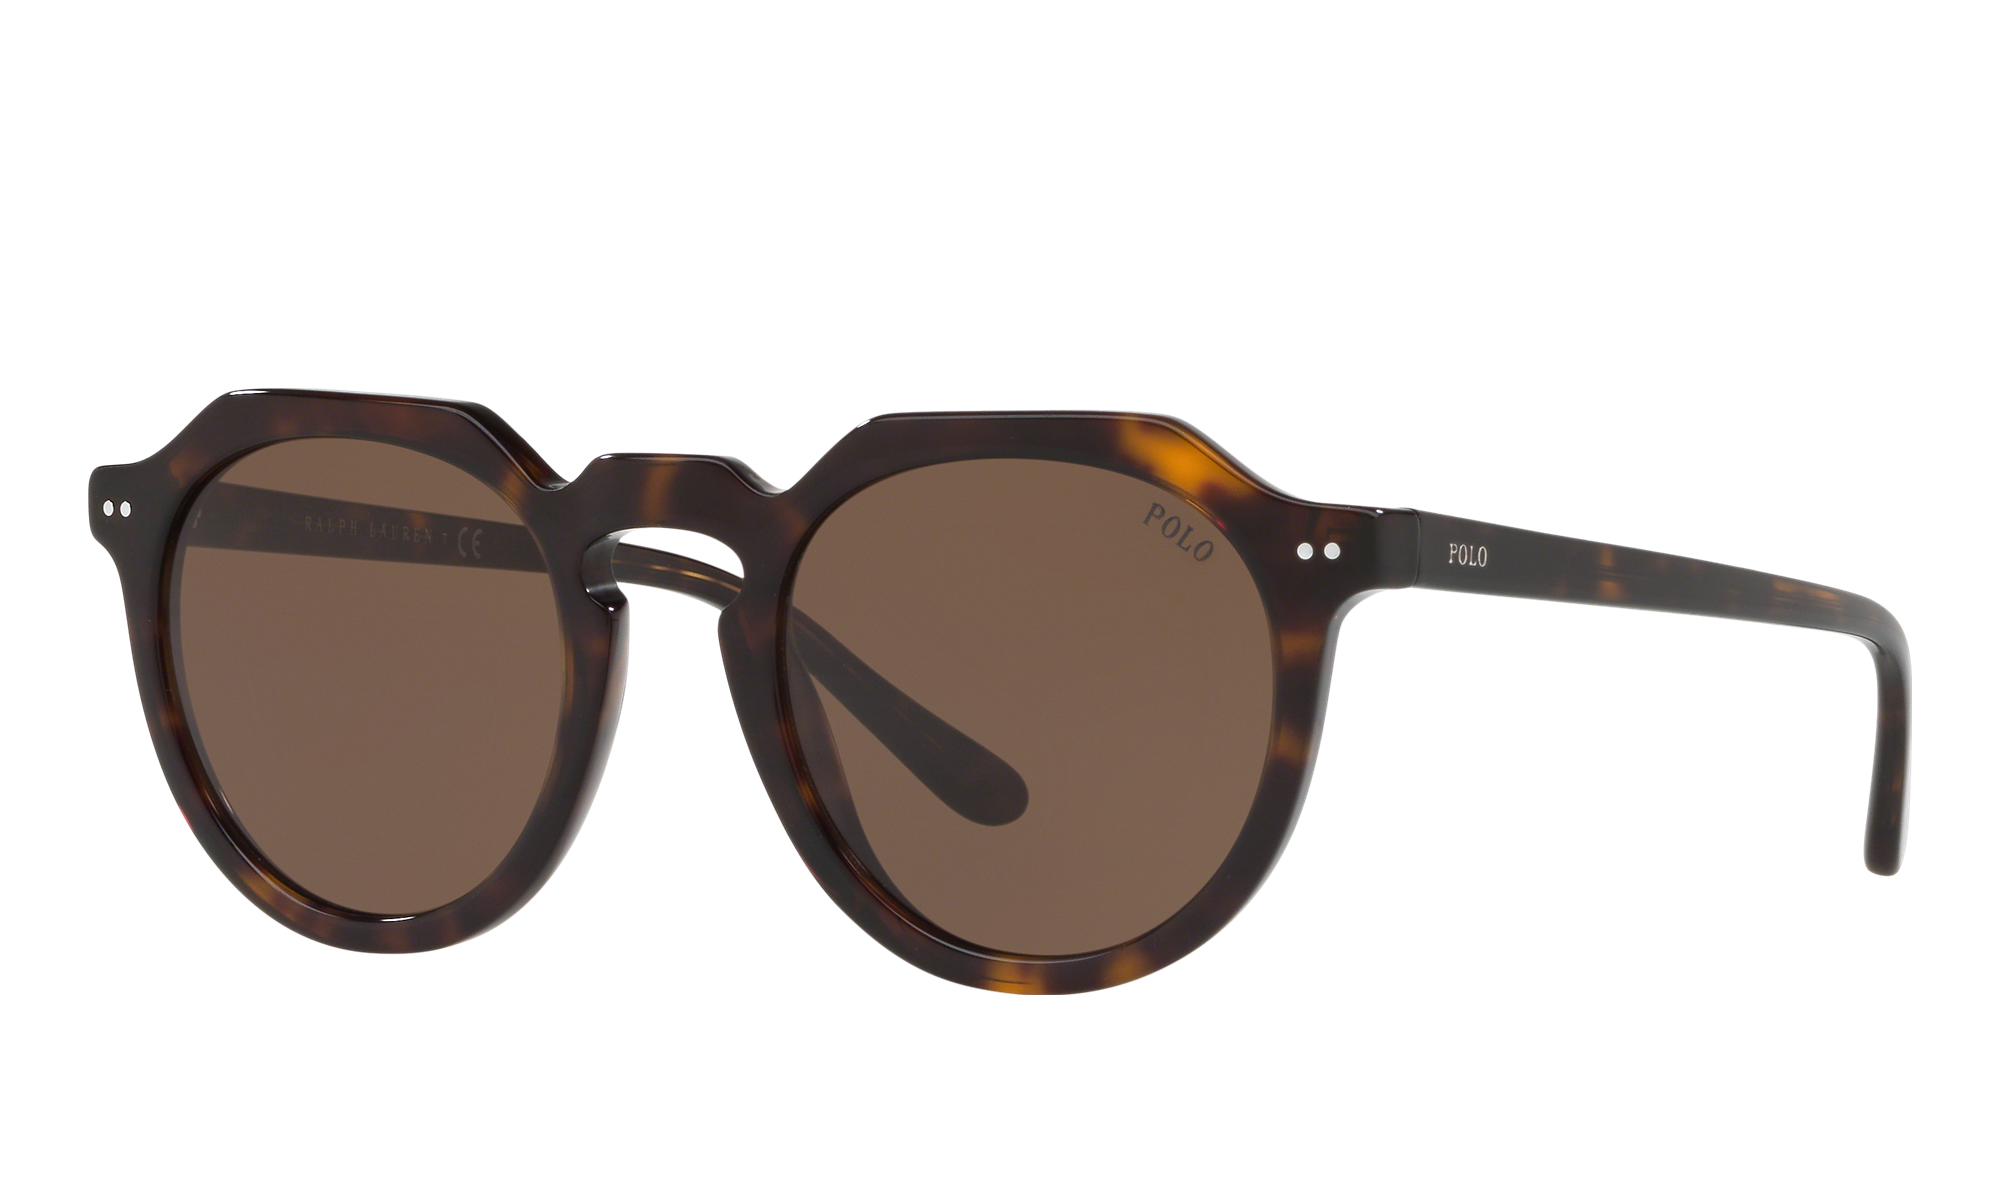 1930s Men's Eye Glasses and Sunglasses Styles Polo Ralph Lauren Unisex Ph4138 Tortoise Size Standard $79.00 AT vintagedancer.com